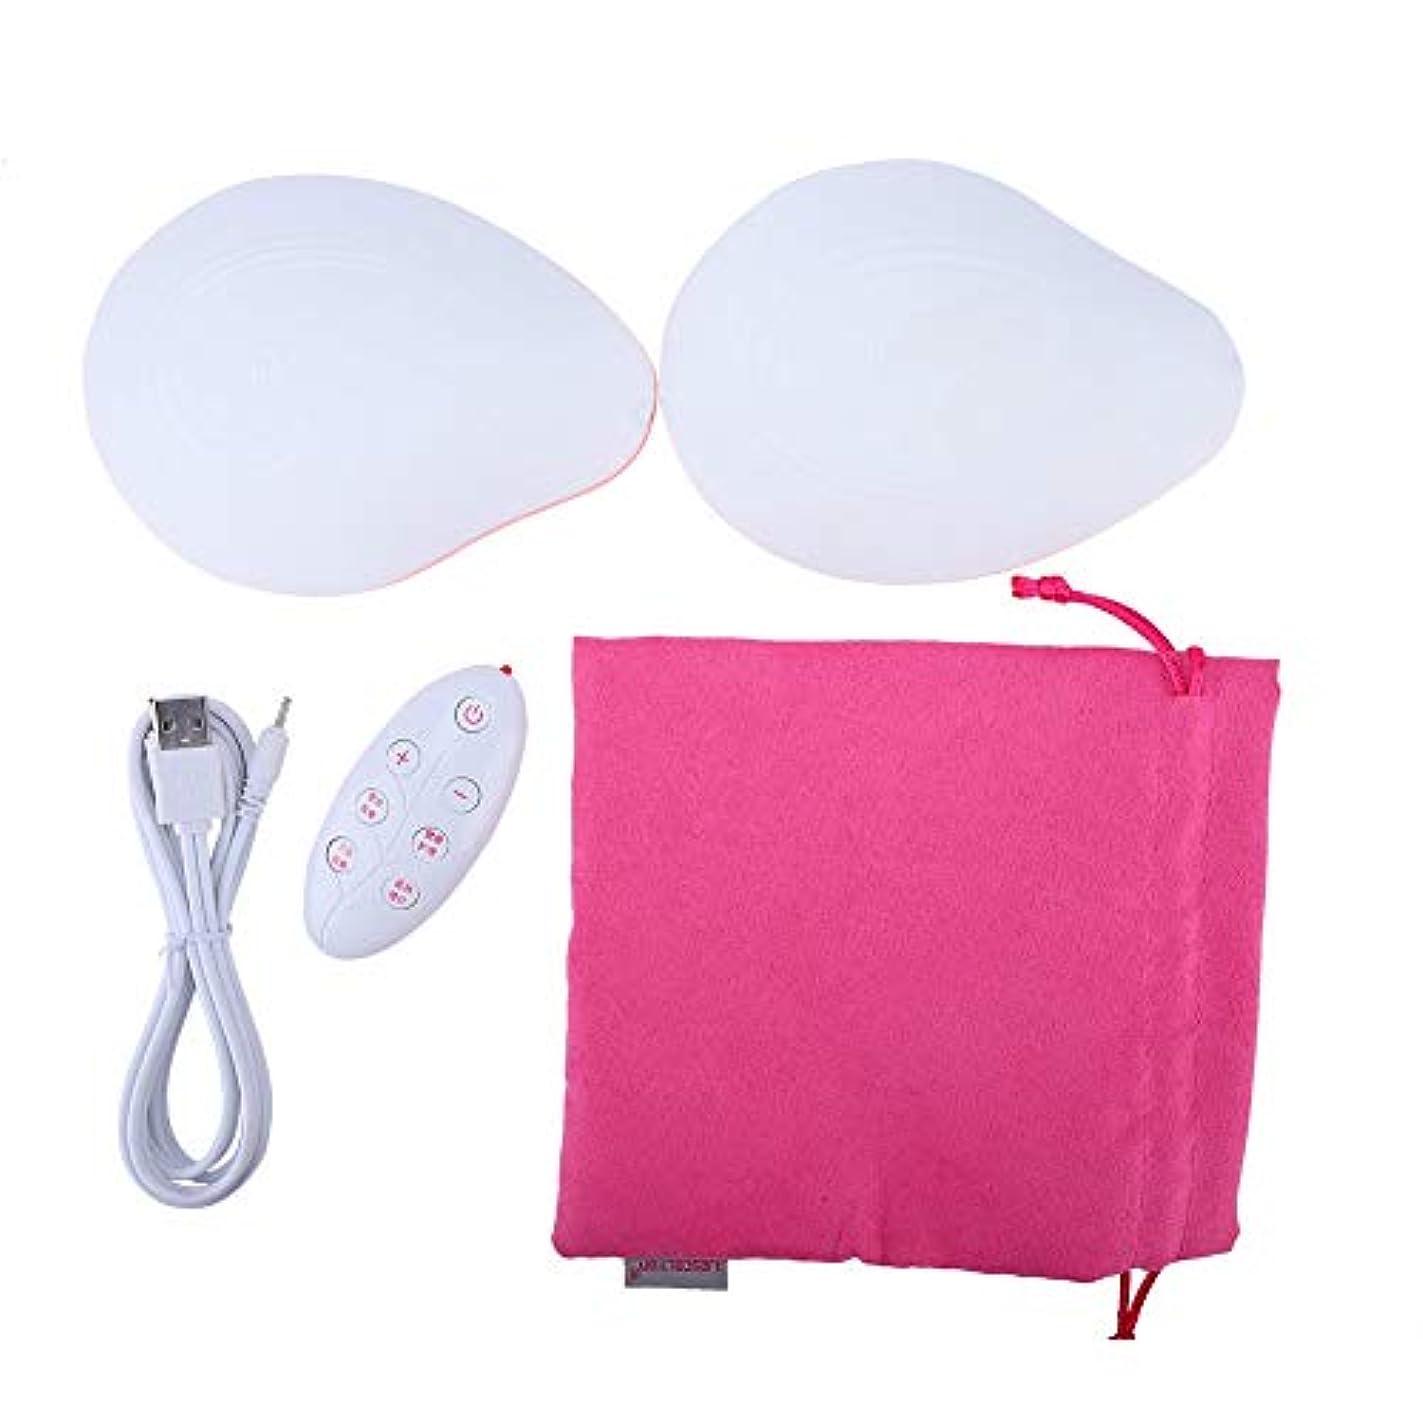 矛盾するスローガン書士胸の拡大のマッサージャー、胸の拡大のためのUSBの電気振動のバストの上昇の増強物機械(#1)